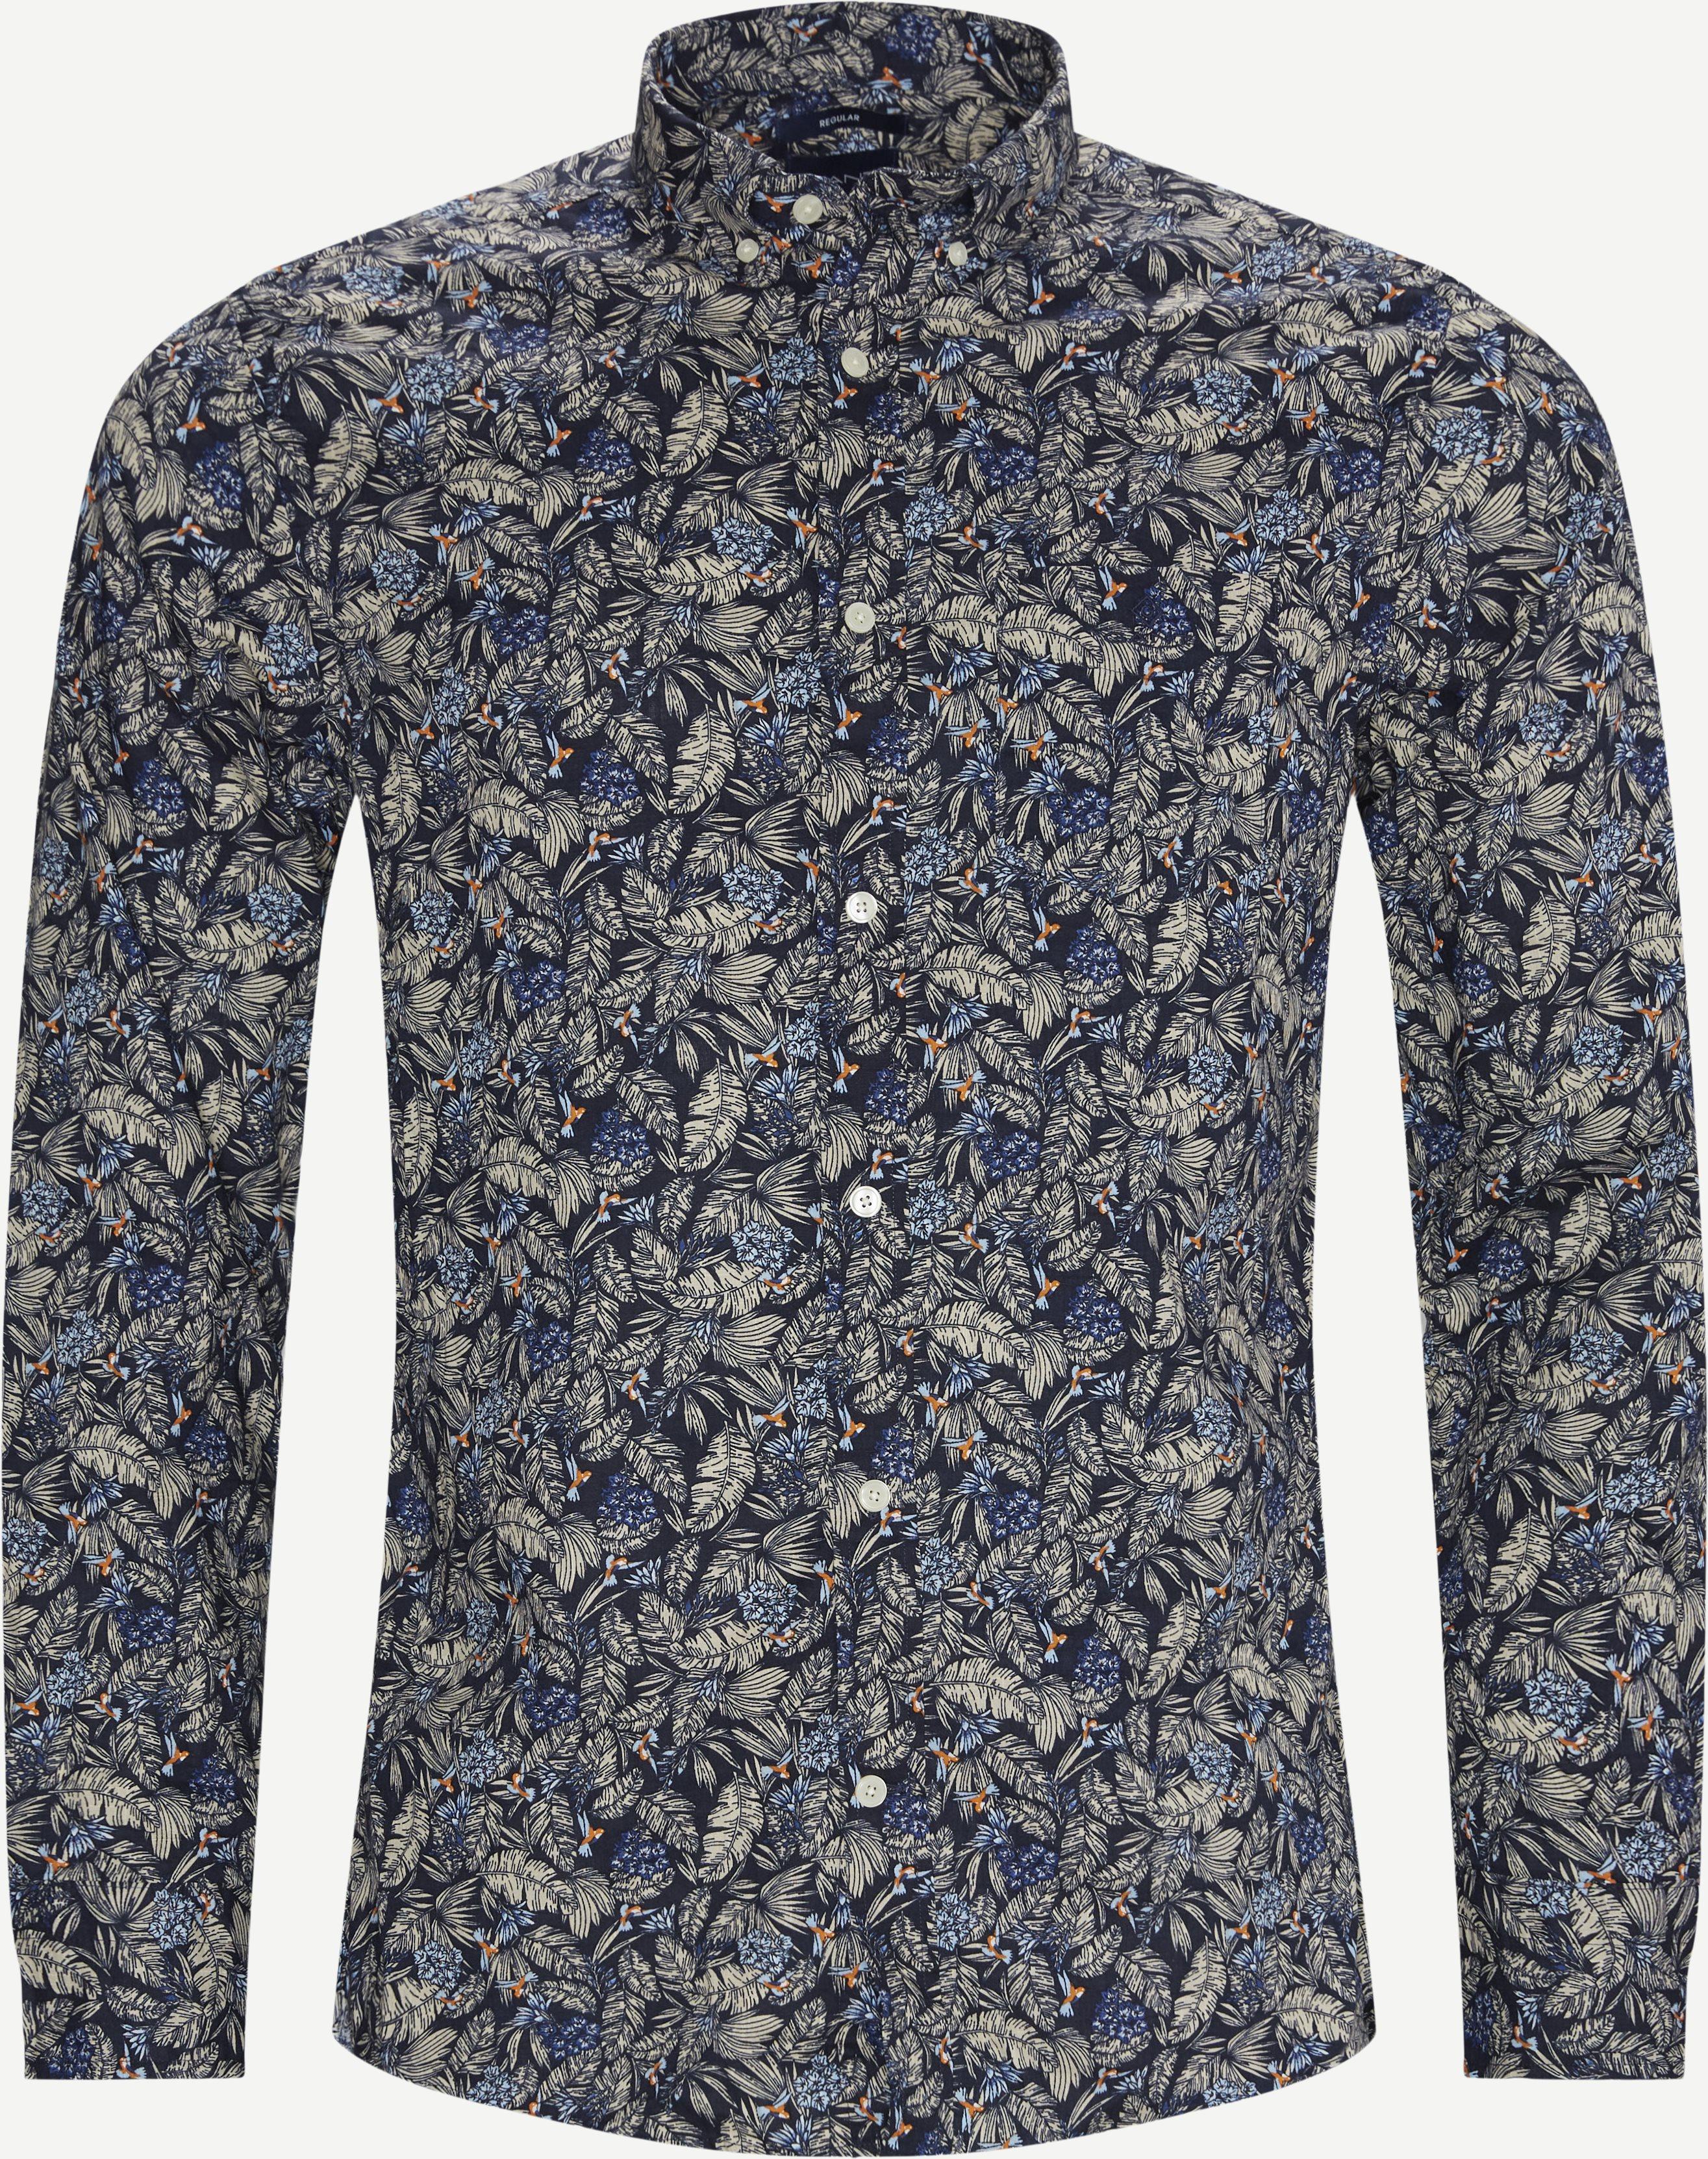 Reg Micro Garden Print Skjorte - Skjortor - Regular - Blå